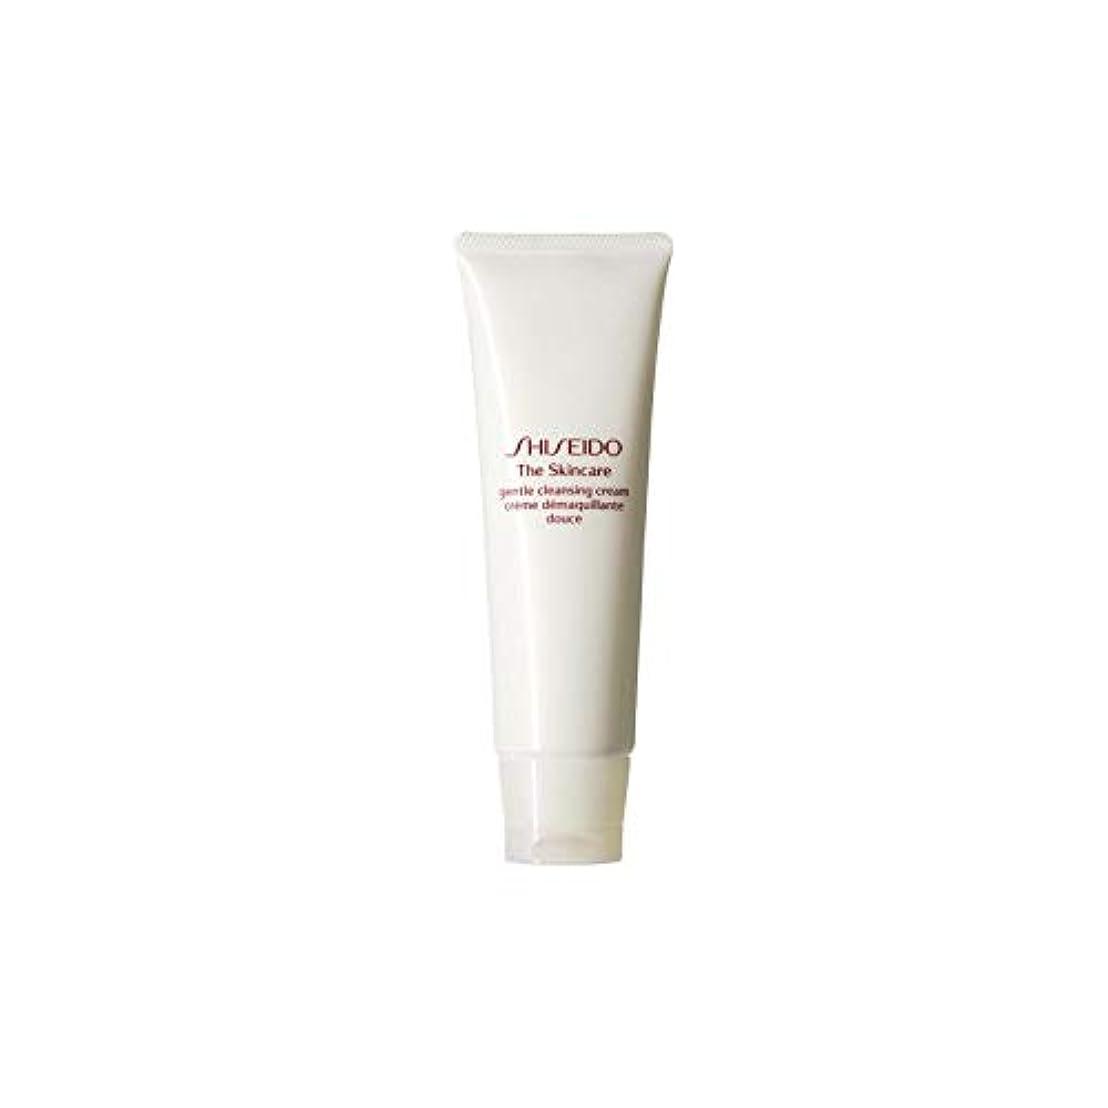 ソーダ水プレゼンター融合[Shiseido ] 資生堂スキンケアの必需品ジェントルクレンジングクリーム(125ミリリットル) - Shiseido The Skincare Essentials Gentle Cleansing Cream (125ml) [並行輸入品]